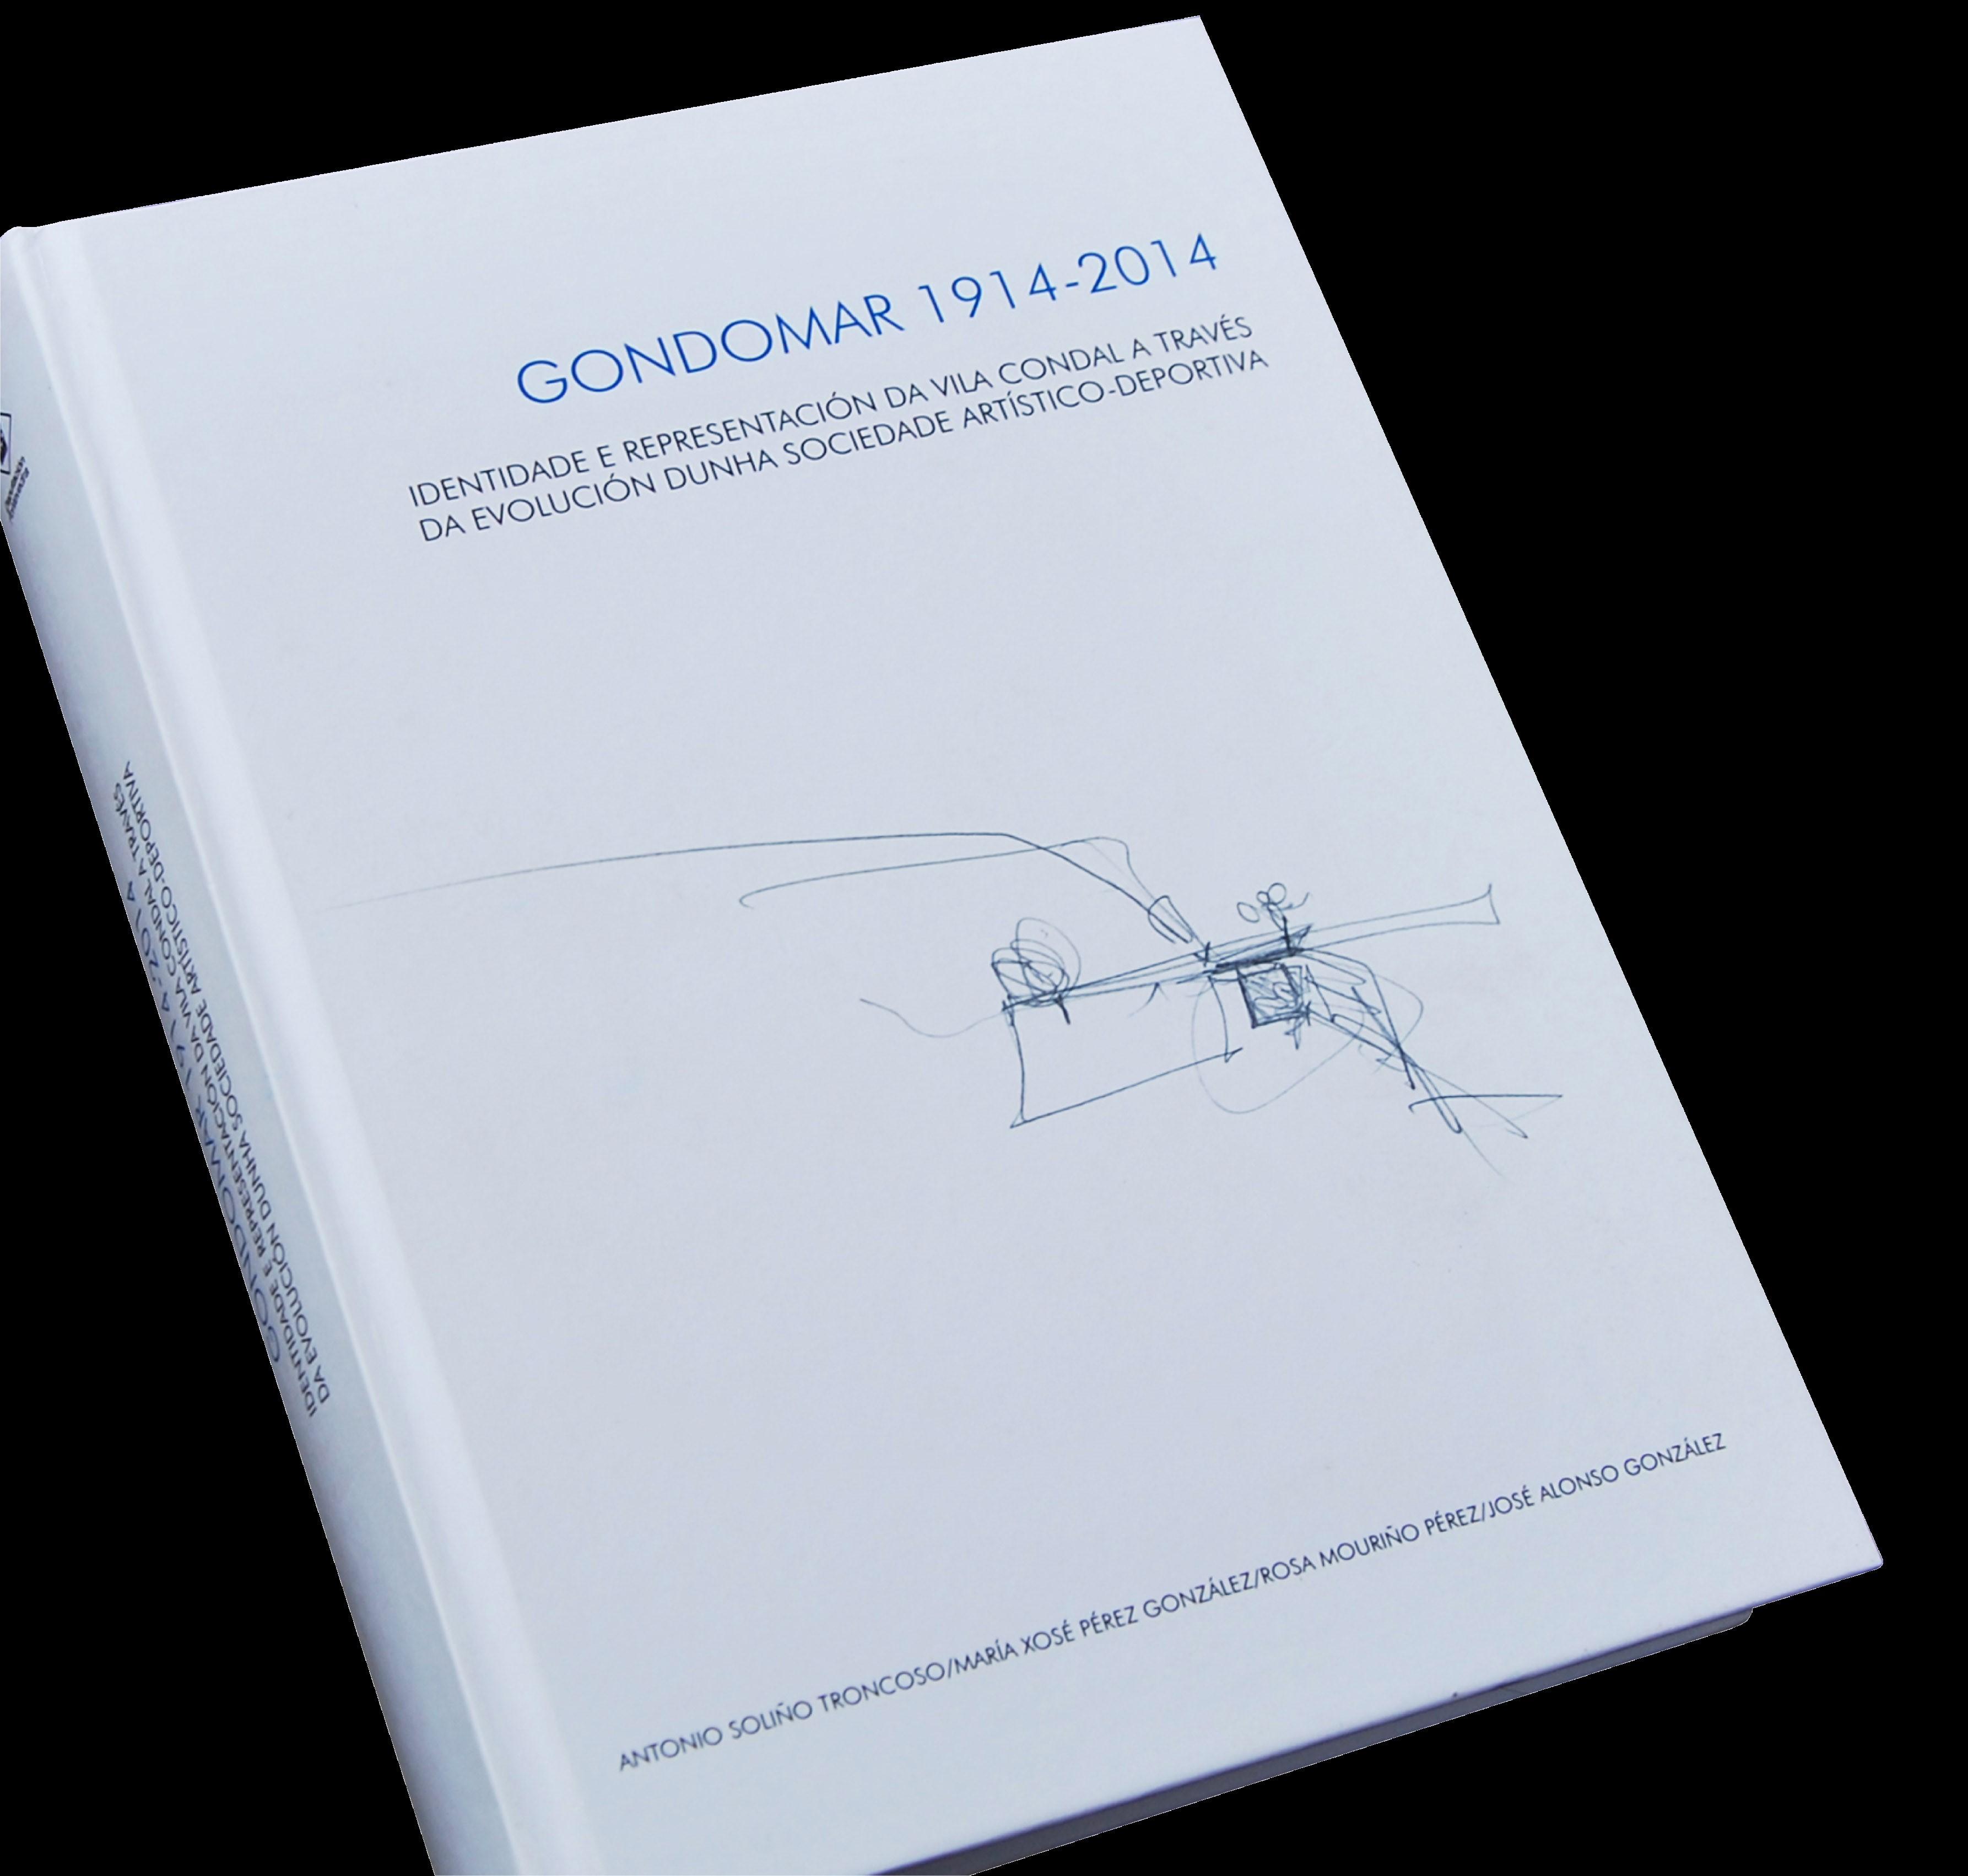 capa-libro-centenario-gondomar